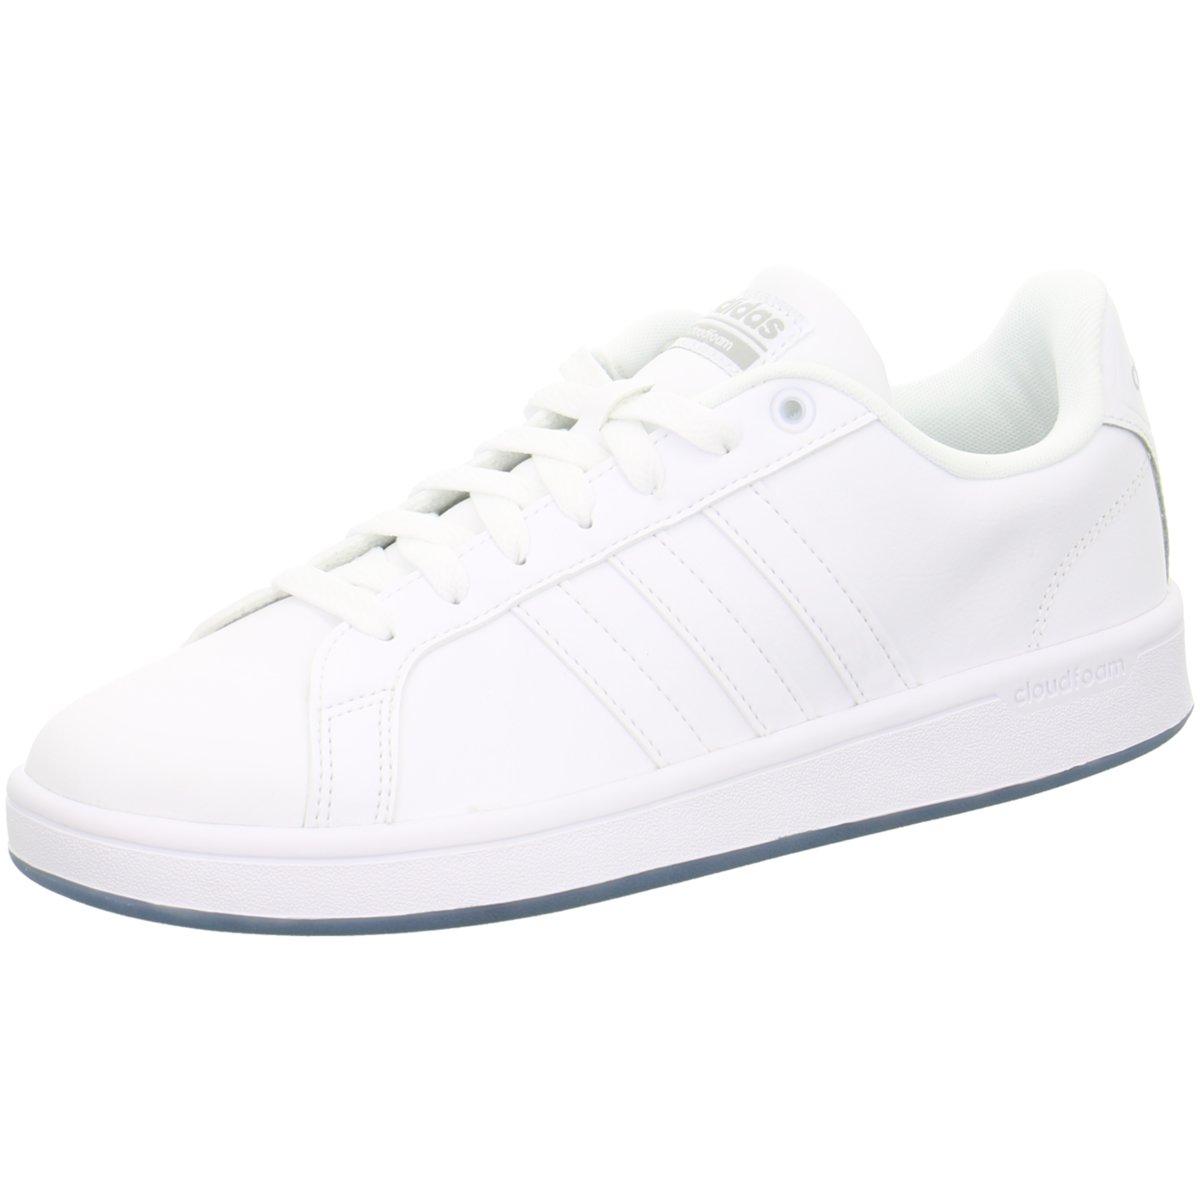 Details zu adidas Herren Sneaker Sneaker Low CF Advantage BB9598/000 weiß  322058